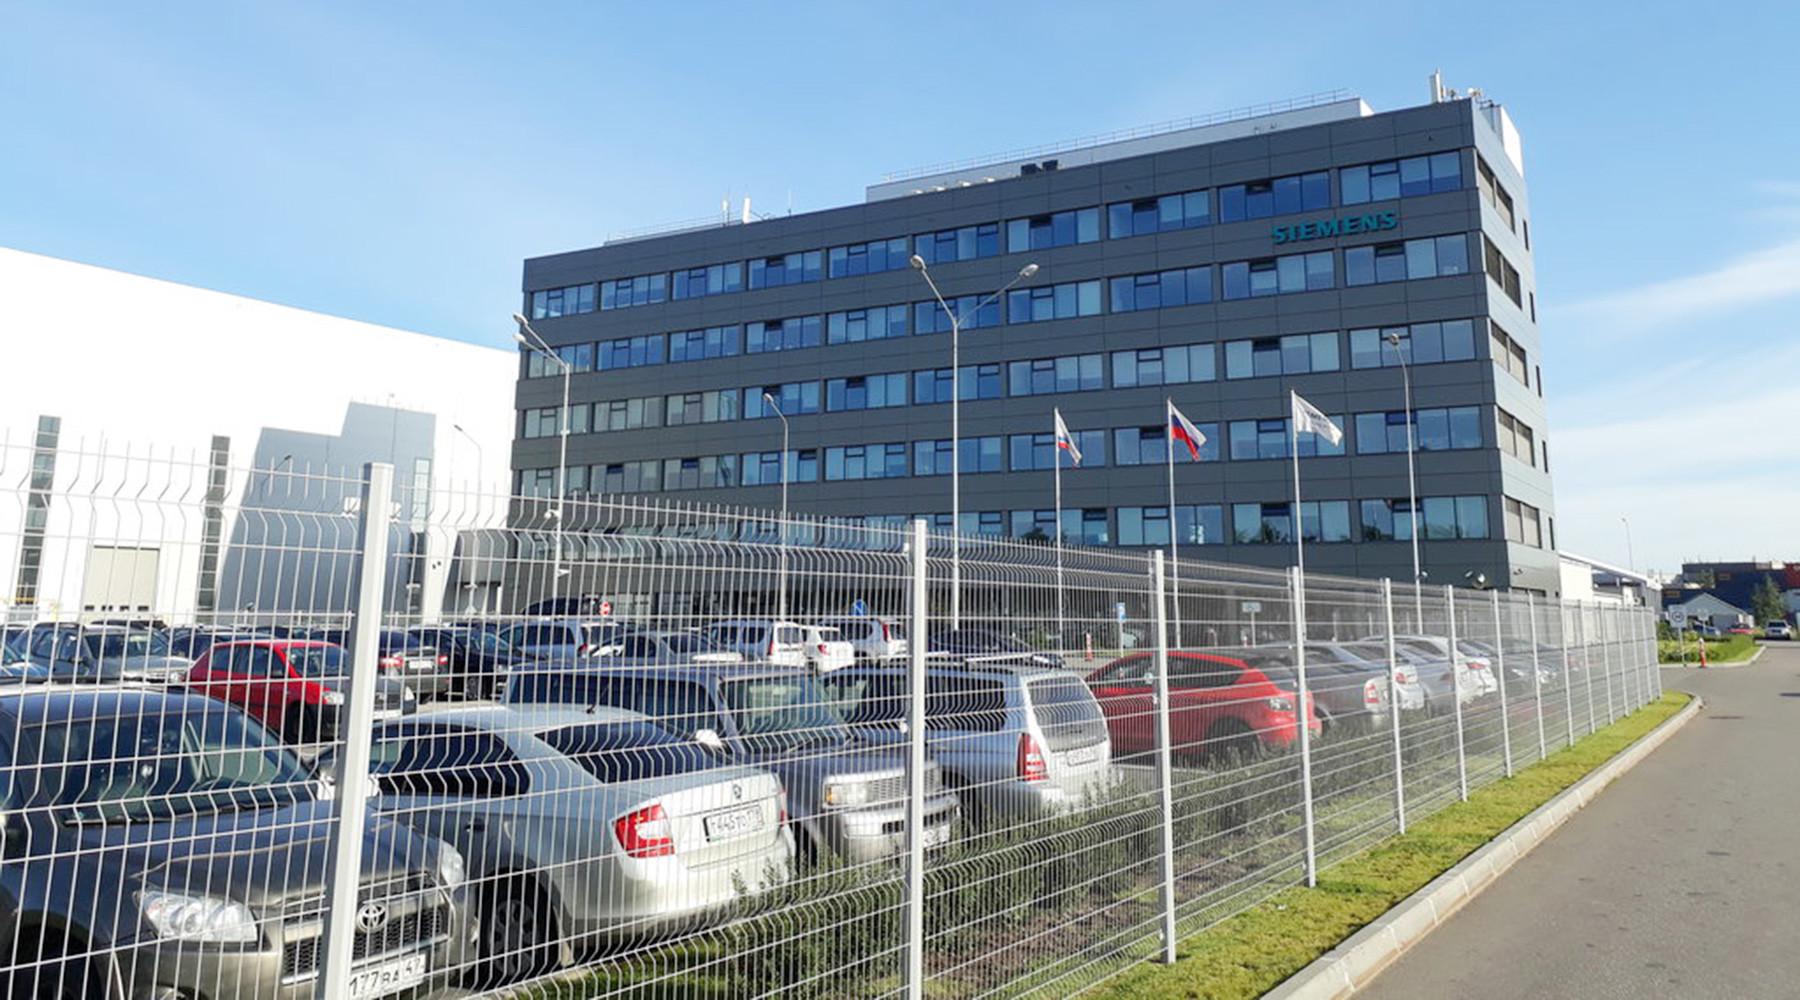 Почему суд отложил разбирательство по поводу турбин Siemens до ноября